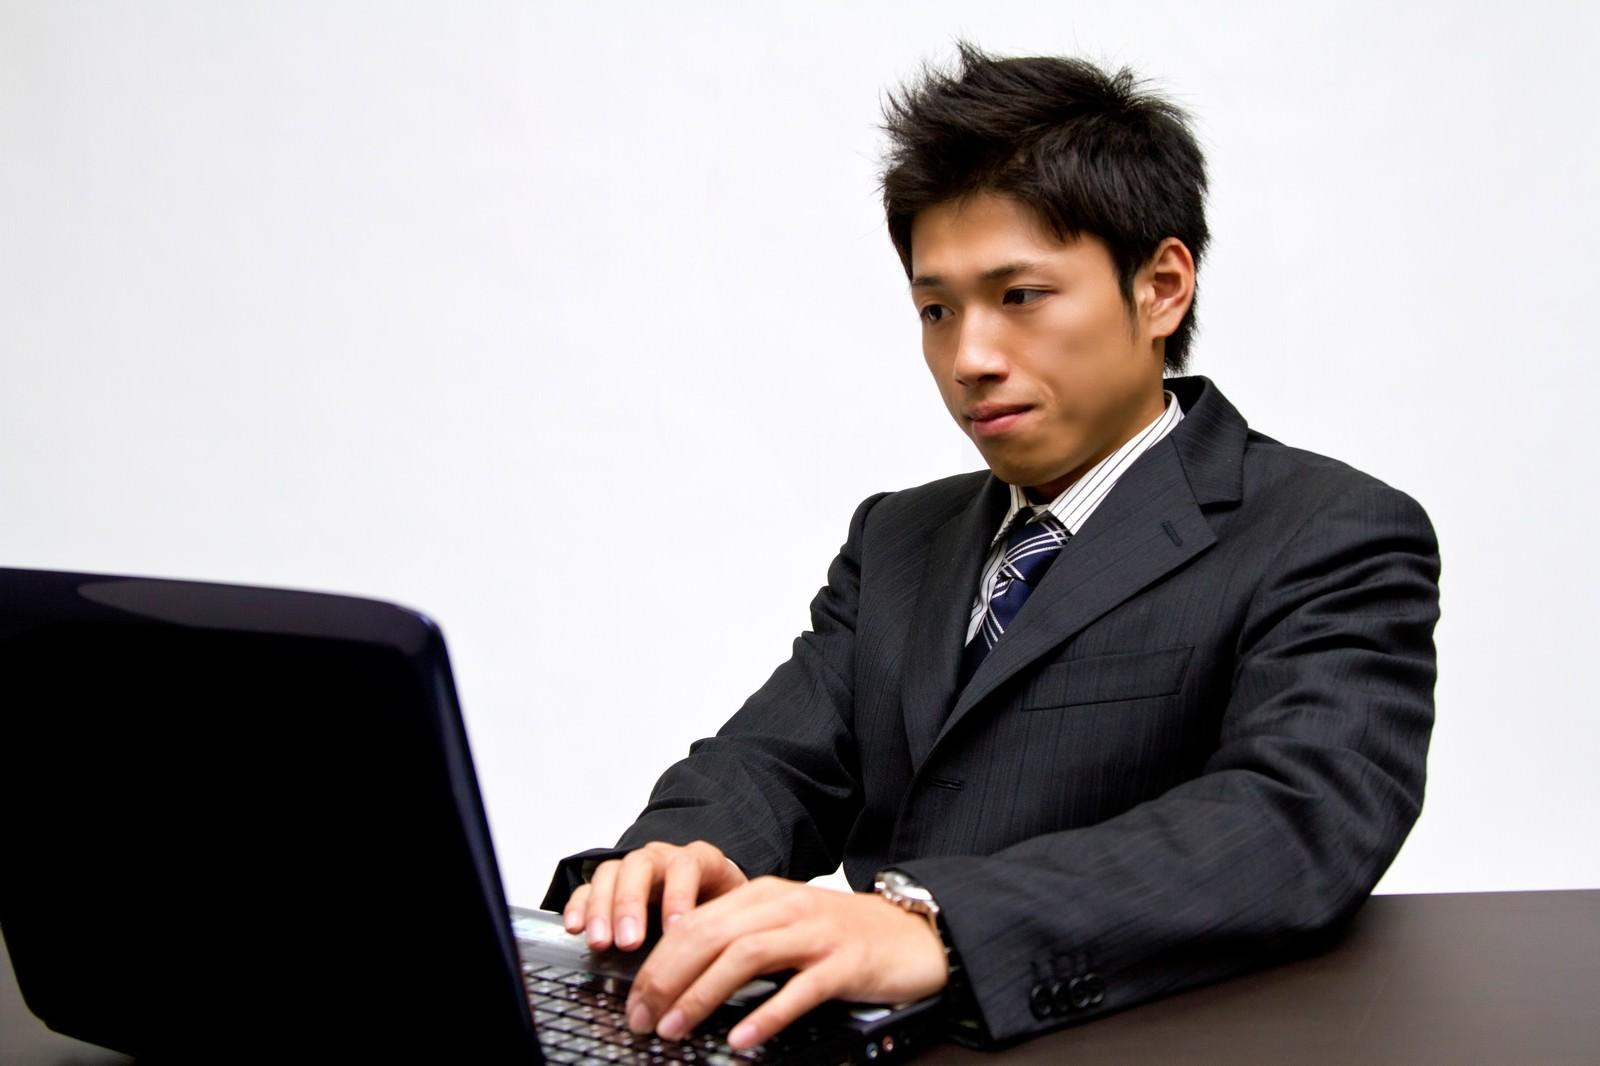 「ノートパソコンで作業中のビジネスマンノートパソコンで作業中のビジネスマン」[モデル:恭平]のフリー写真素材を拡大